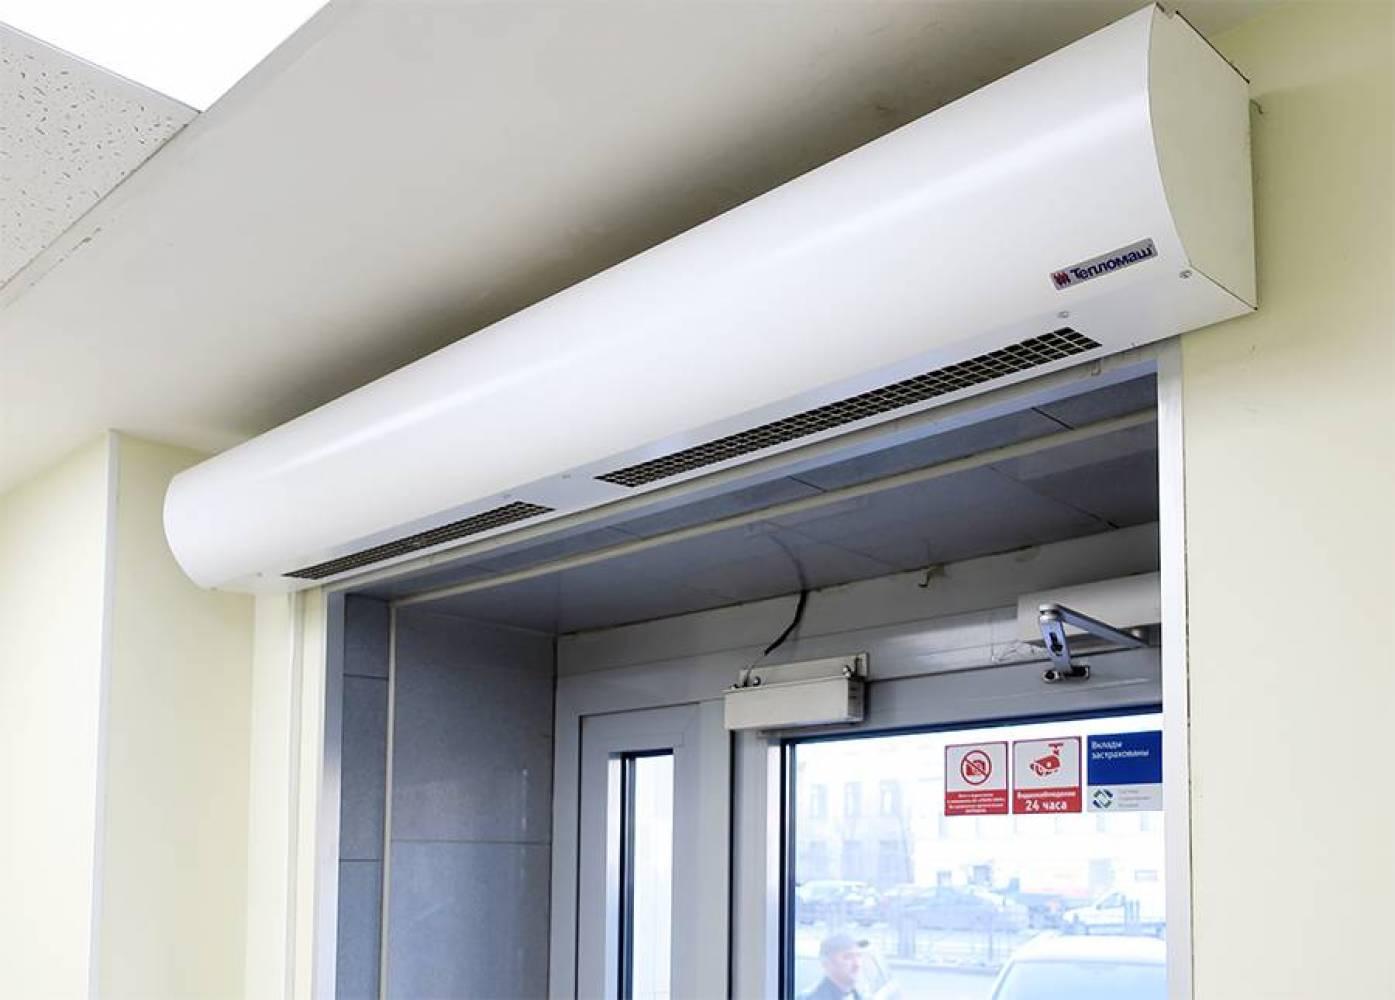 Тепловая завеса КЭВ-9П2022Е - 9 кВт (длина 1,5 м.), для проемов высотой от 2-2,5 м.